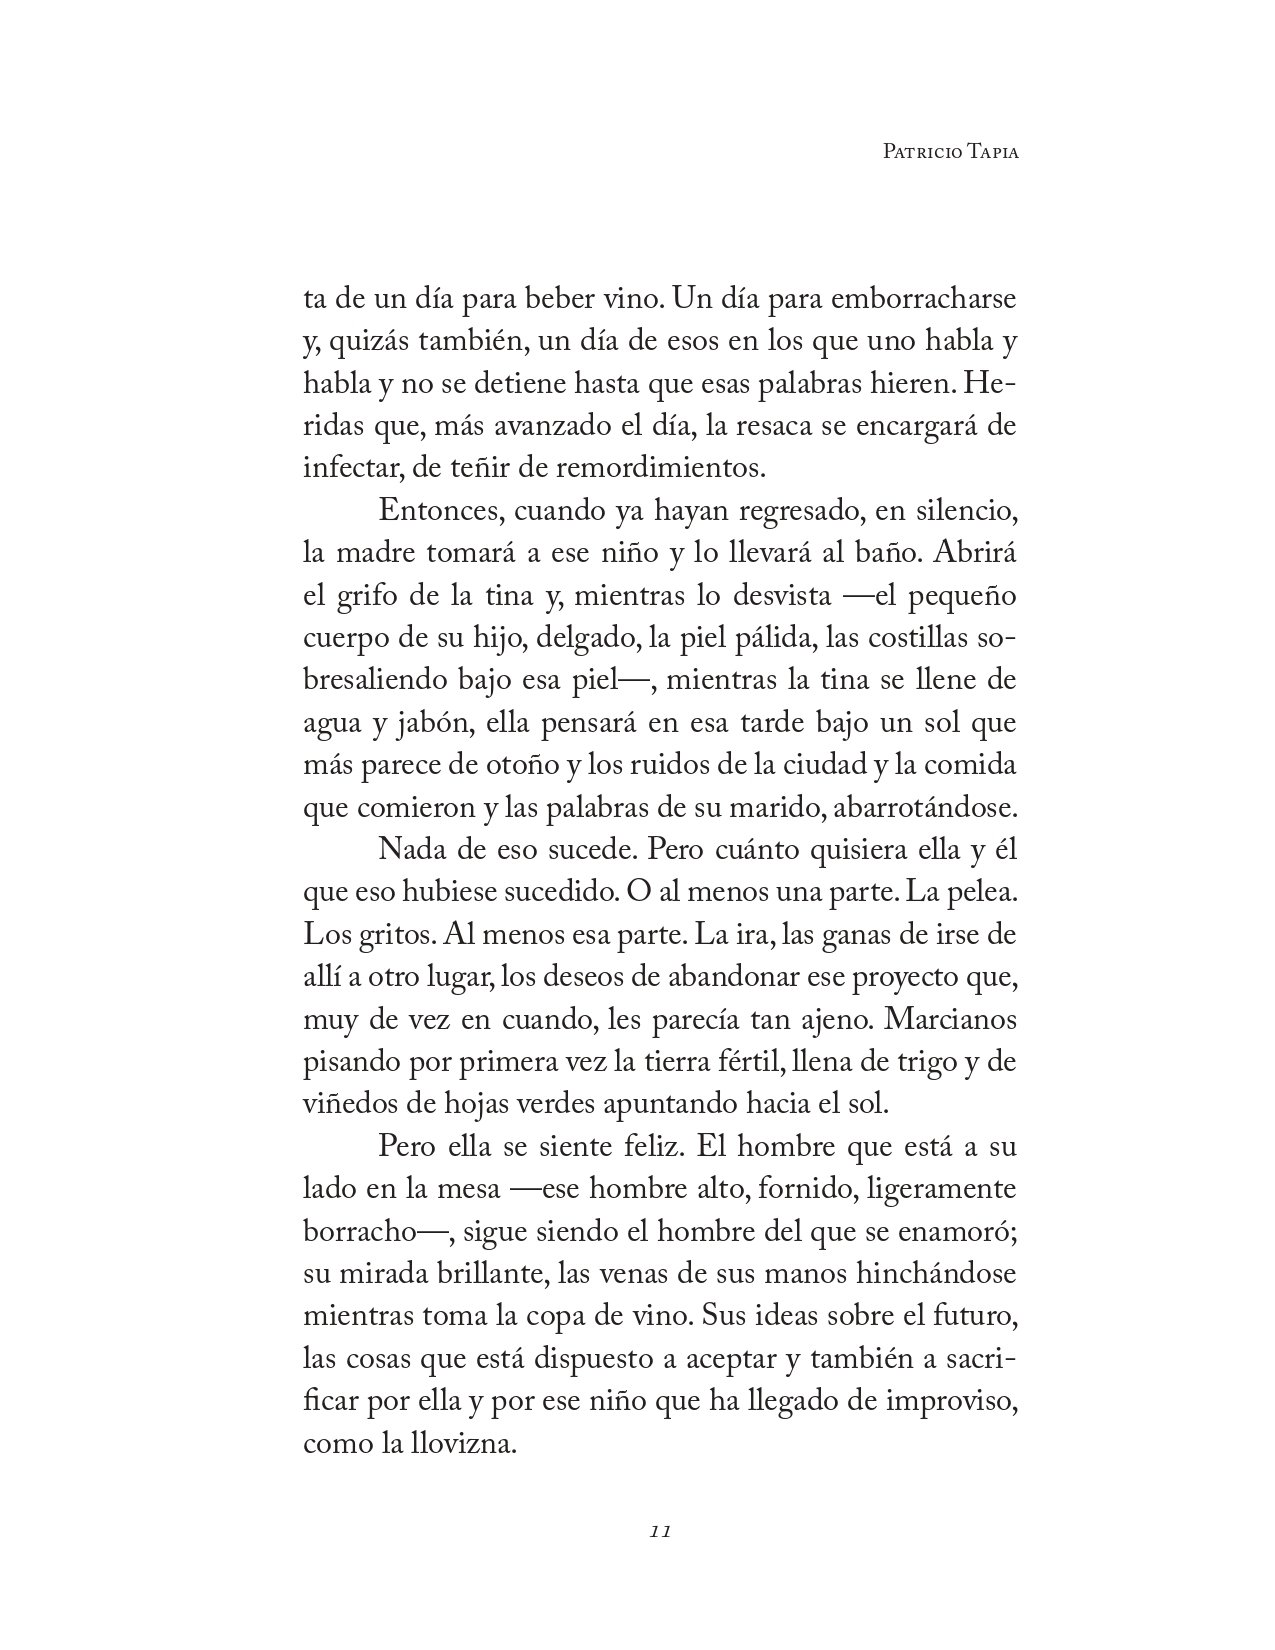 Adelanto_Hombres_Inofensivos_Patricio_Tapia_page-0008